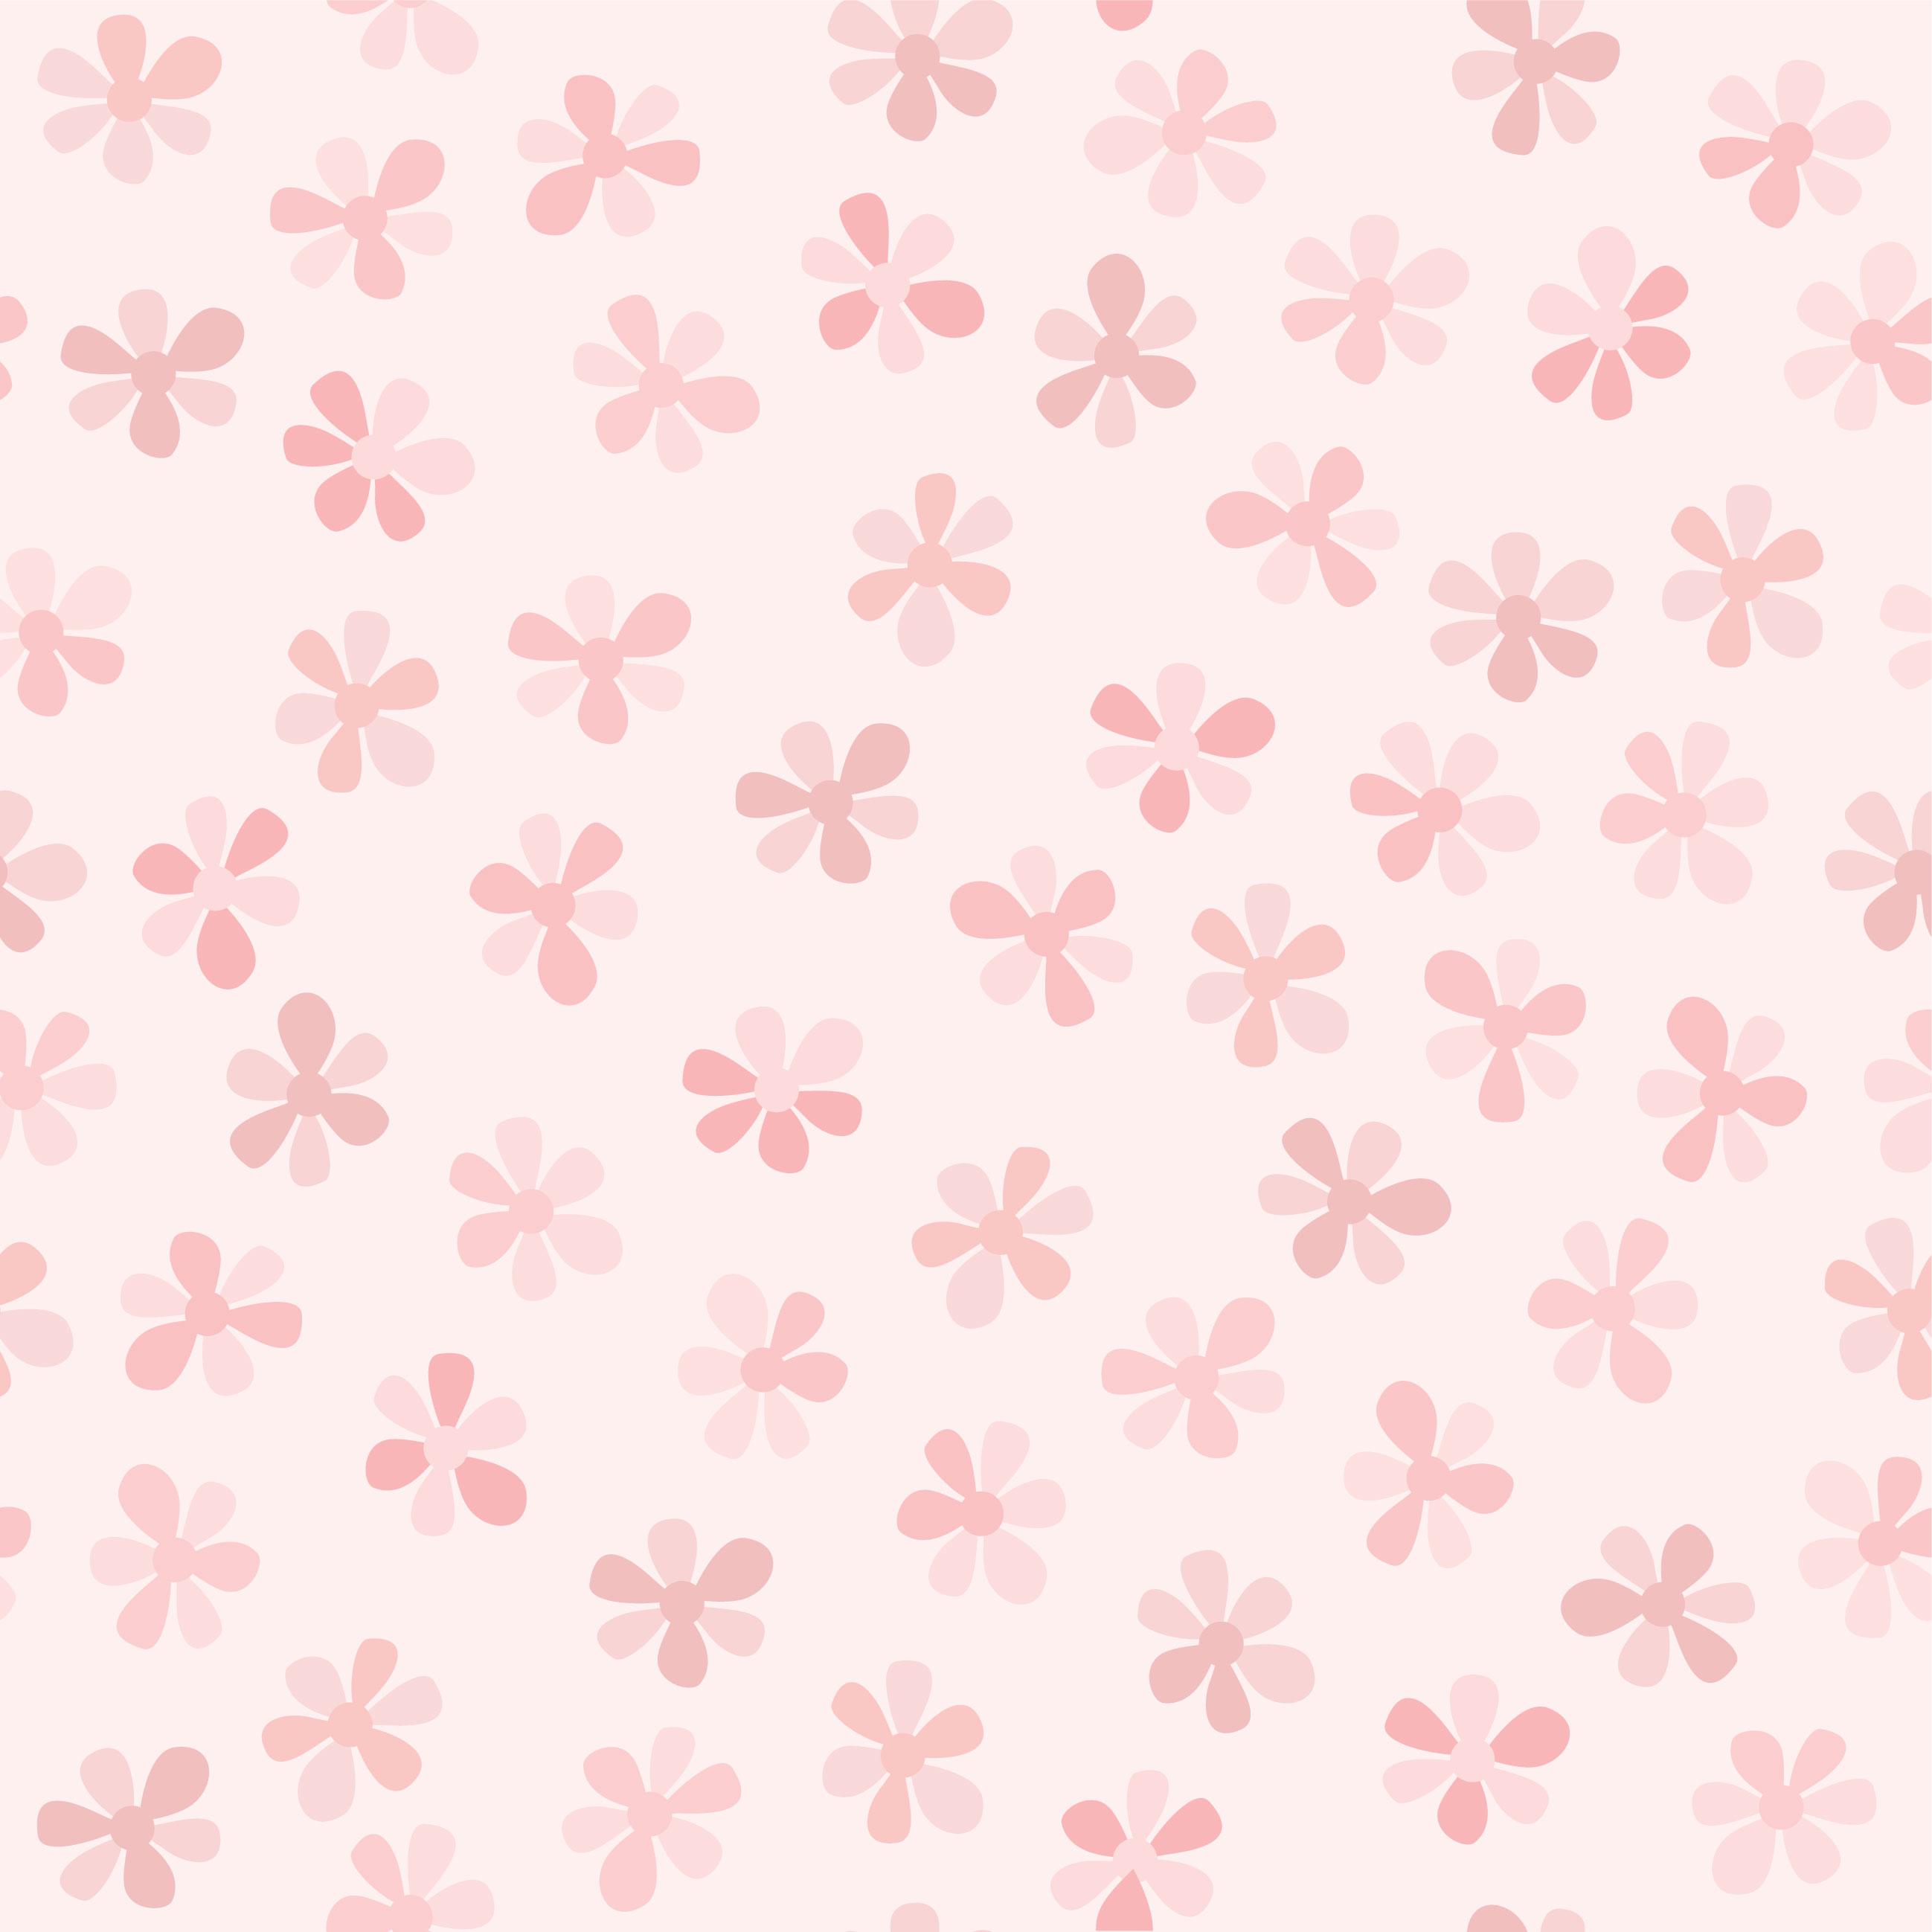 壁紙・背景イラスト/花の模様・柄・パターン no.109『ピンク・たくさん』